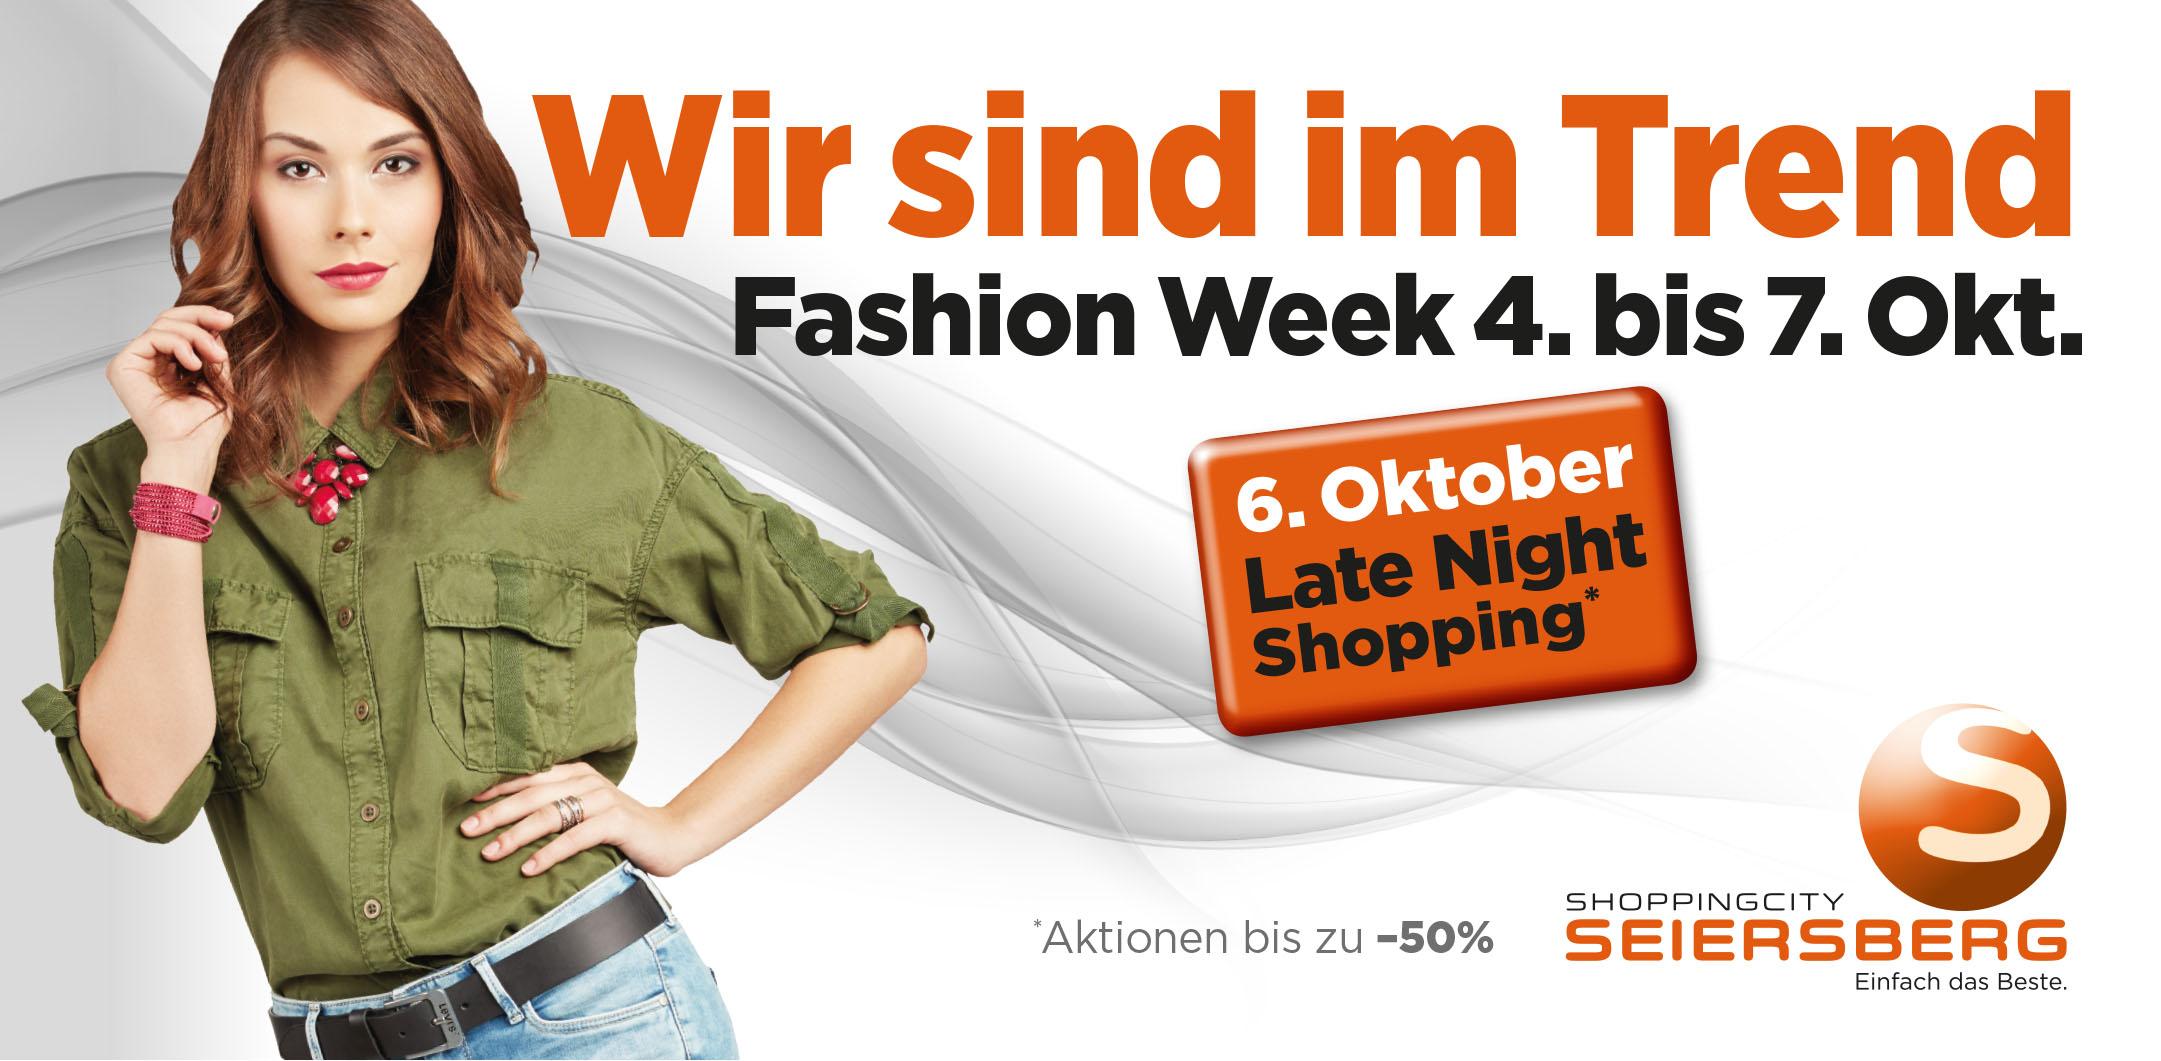 SC-Seiersberg-Image-Fashionweek